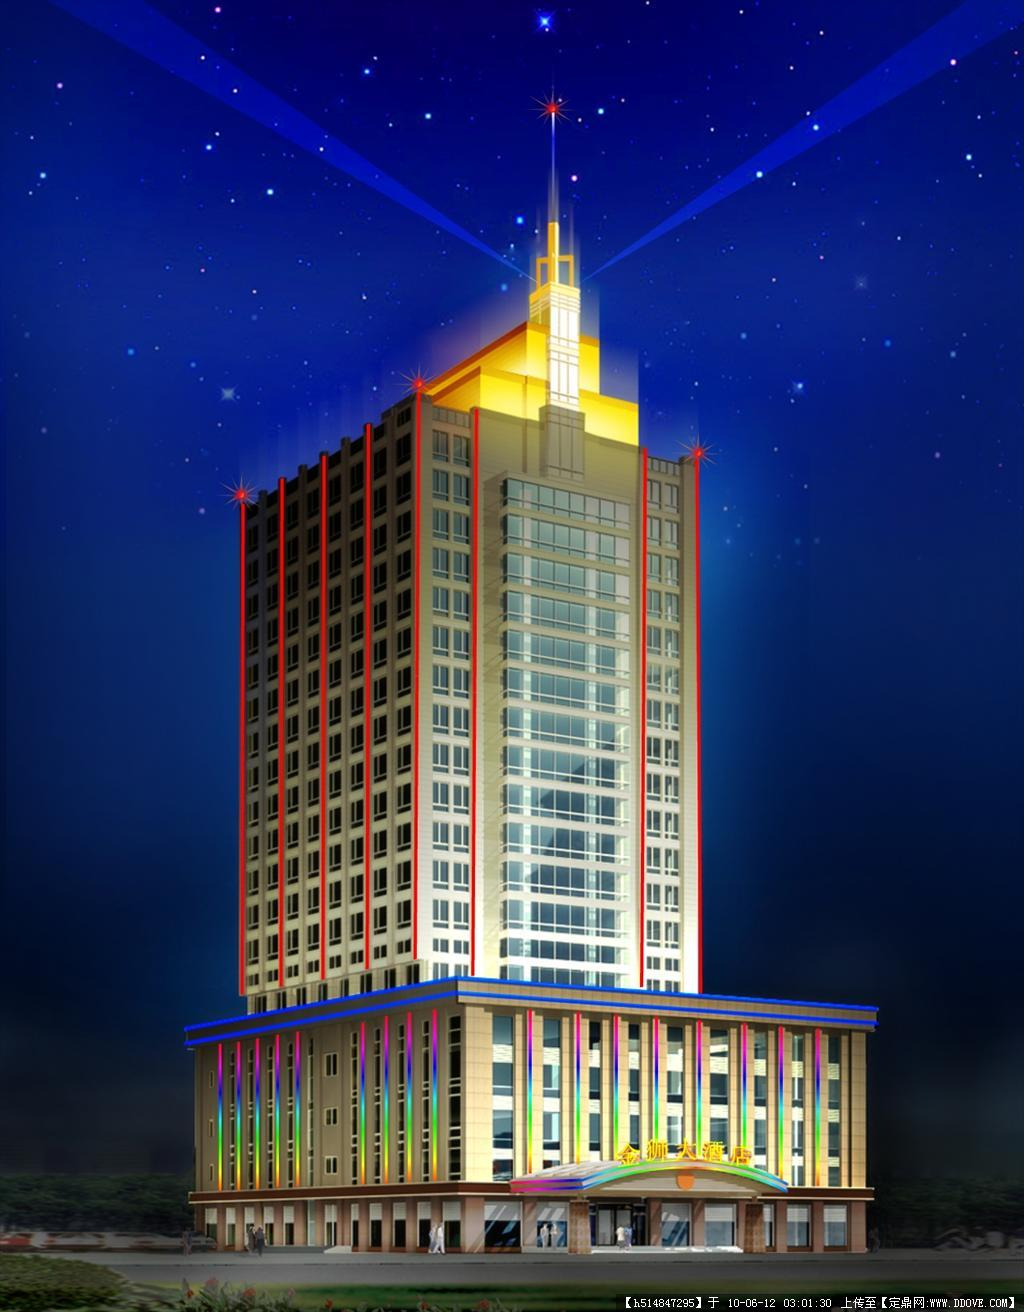 湖北金狮宾管大楼夜景动画效果图(可做素材)